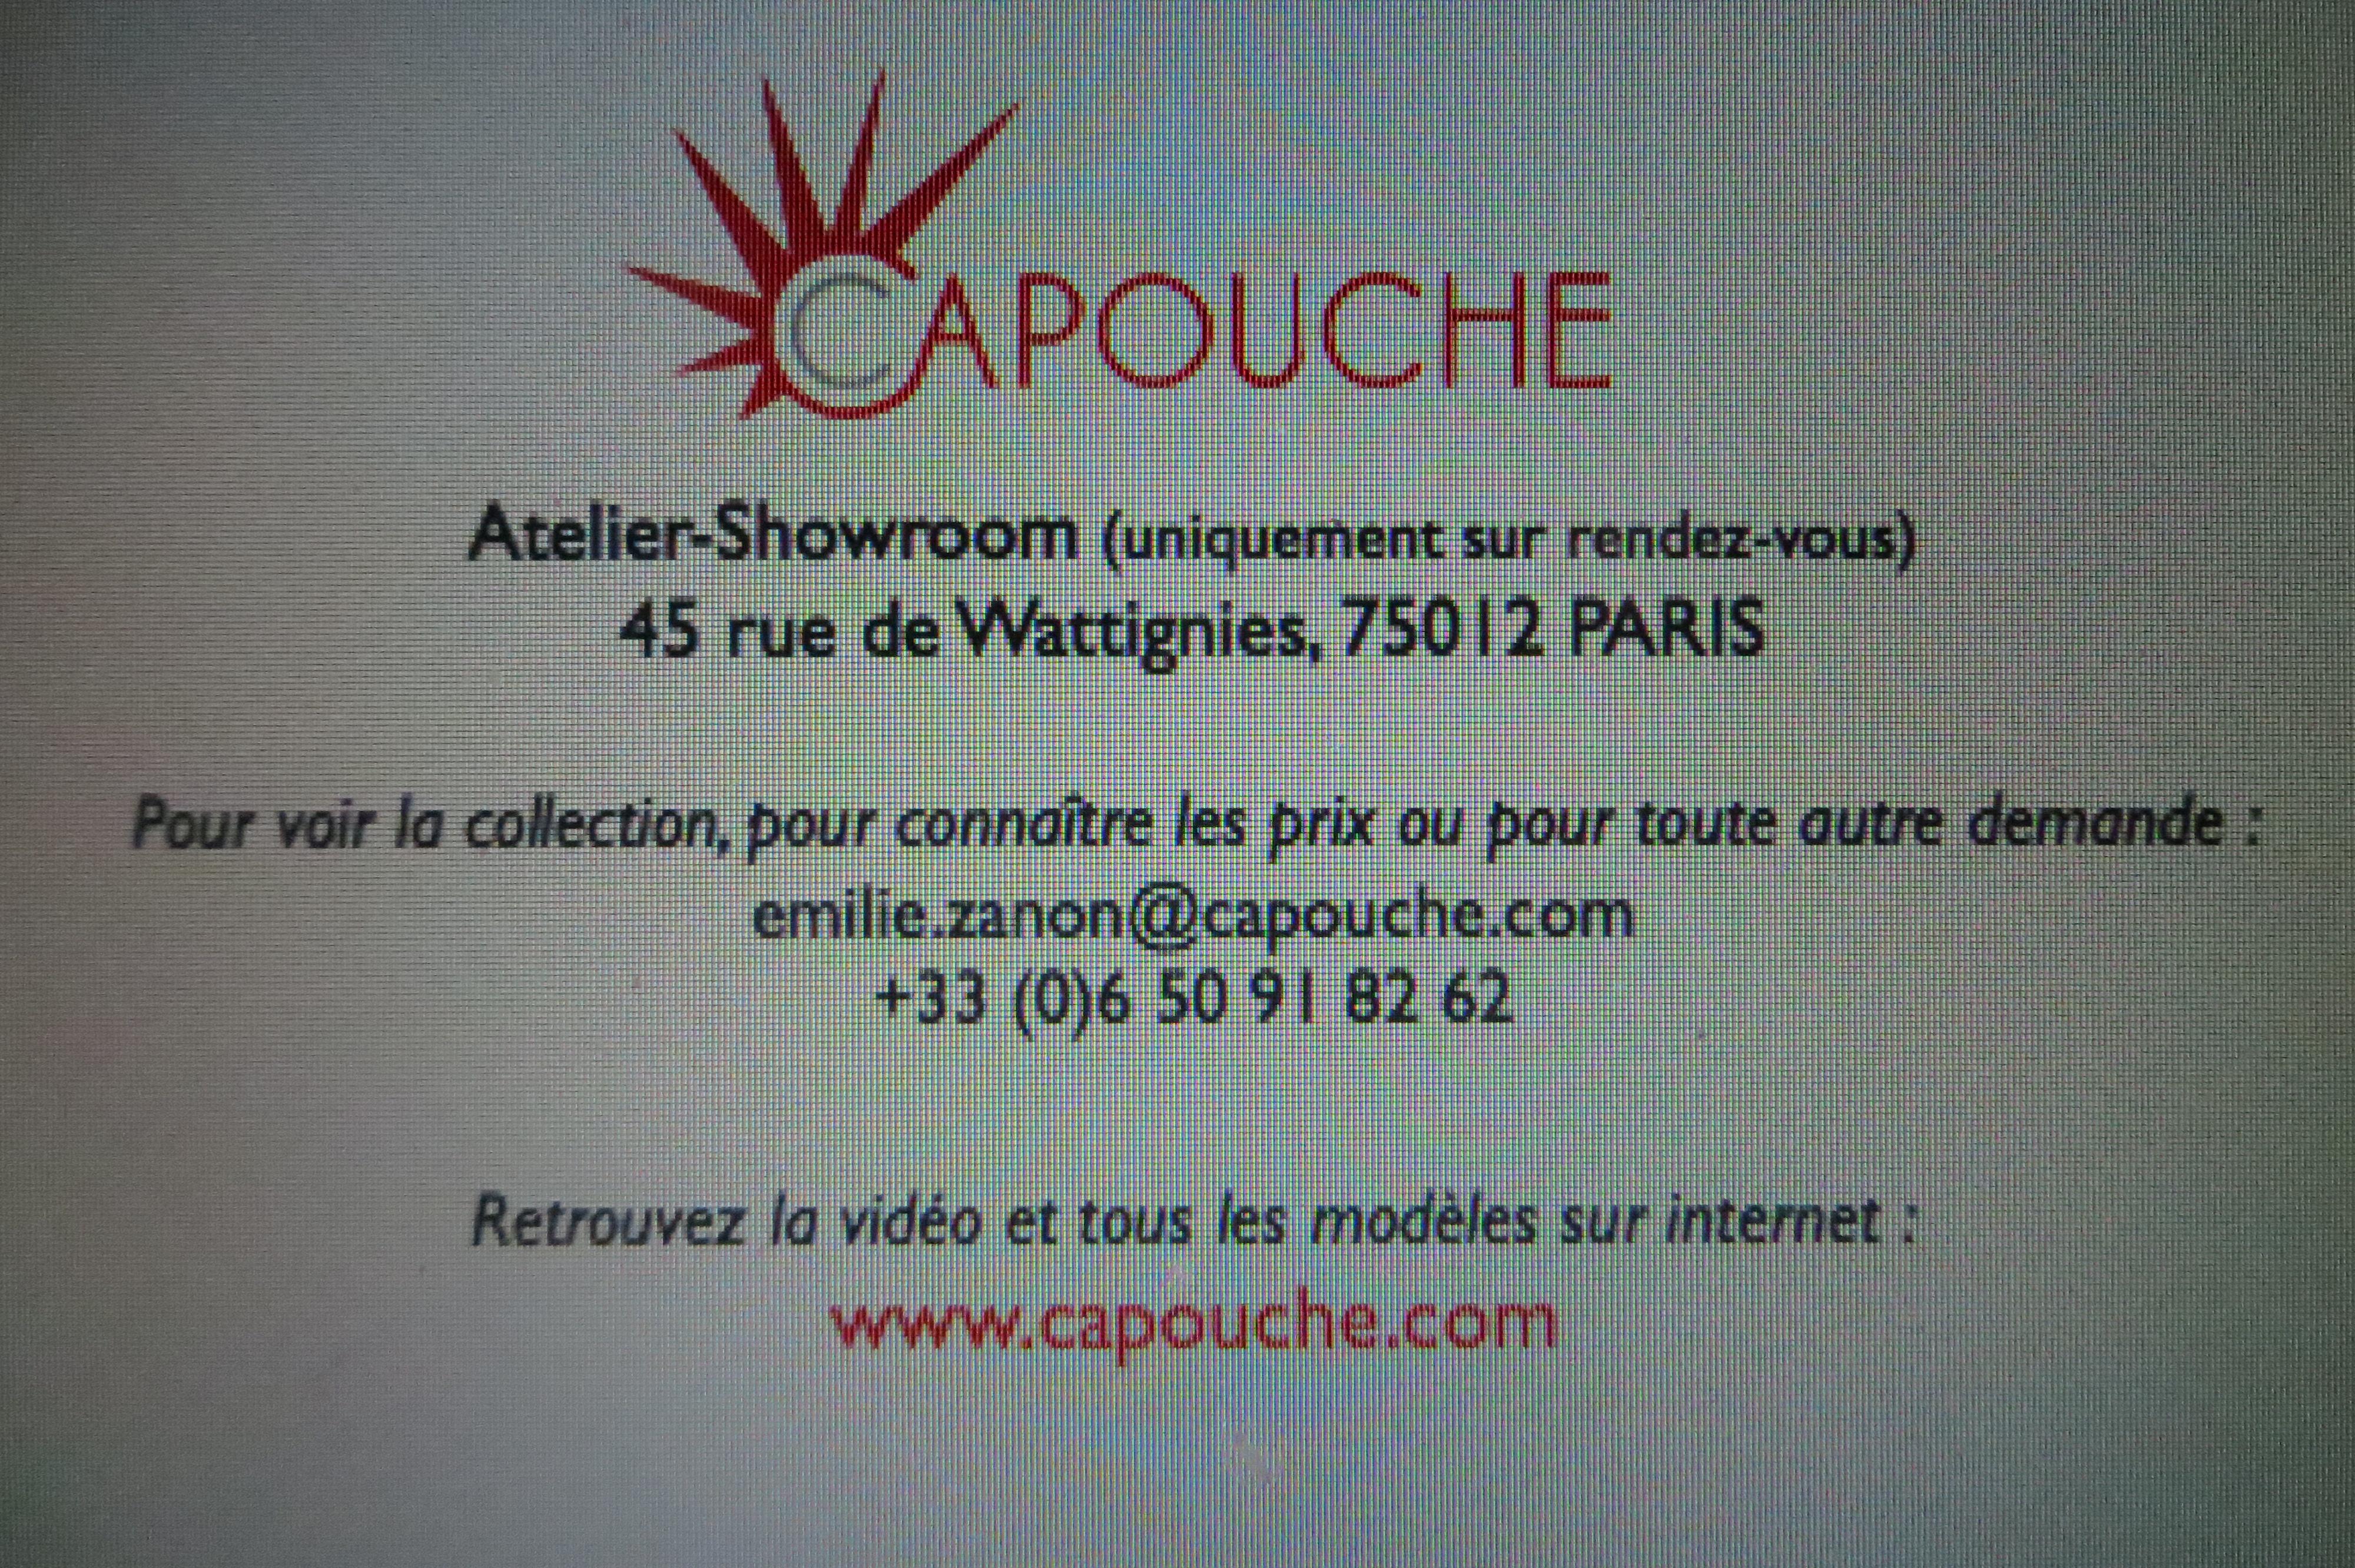 Capouche, luxury street wear